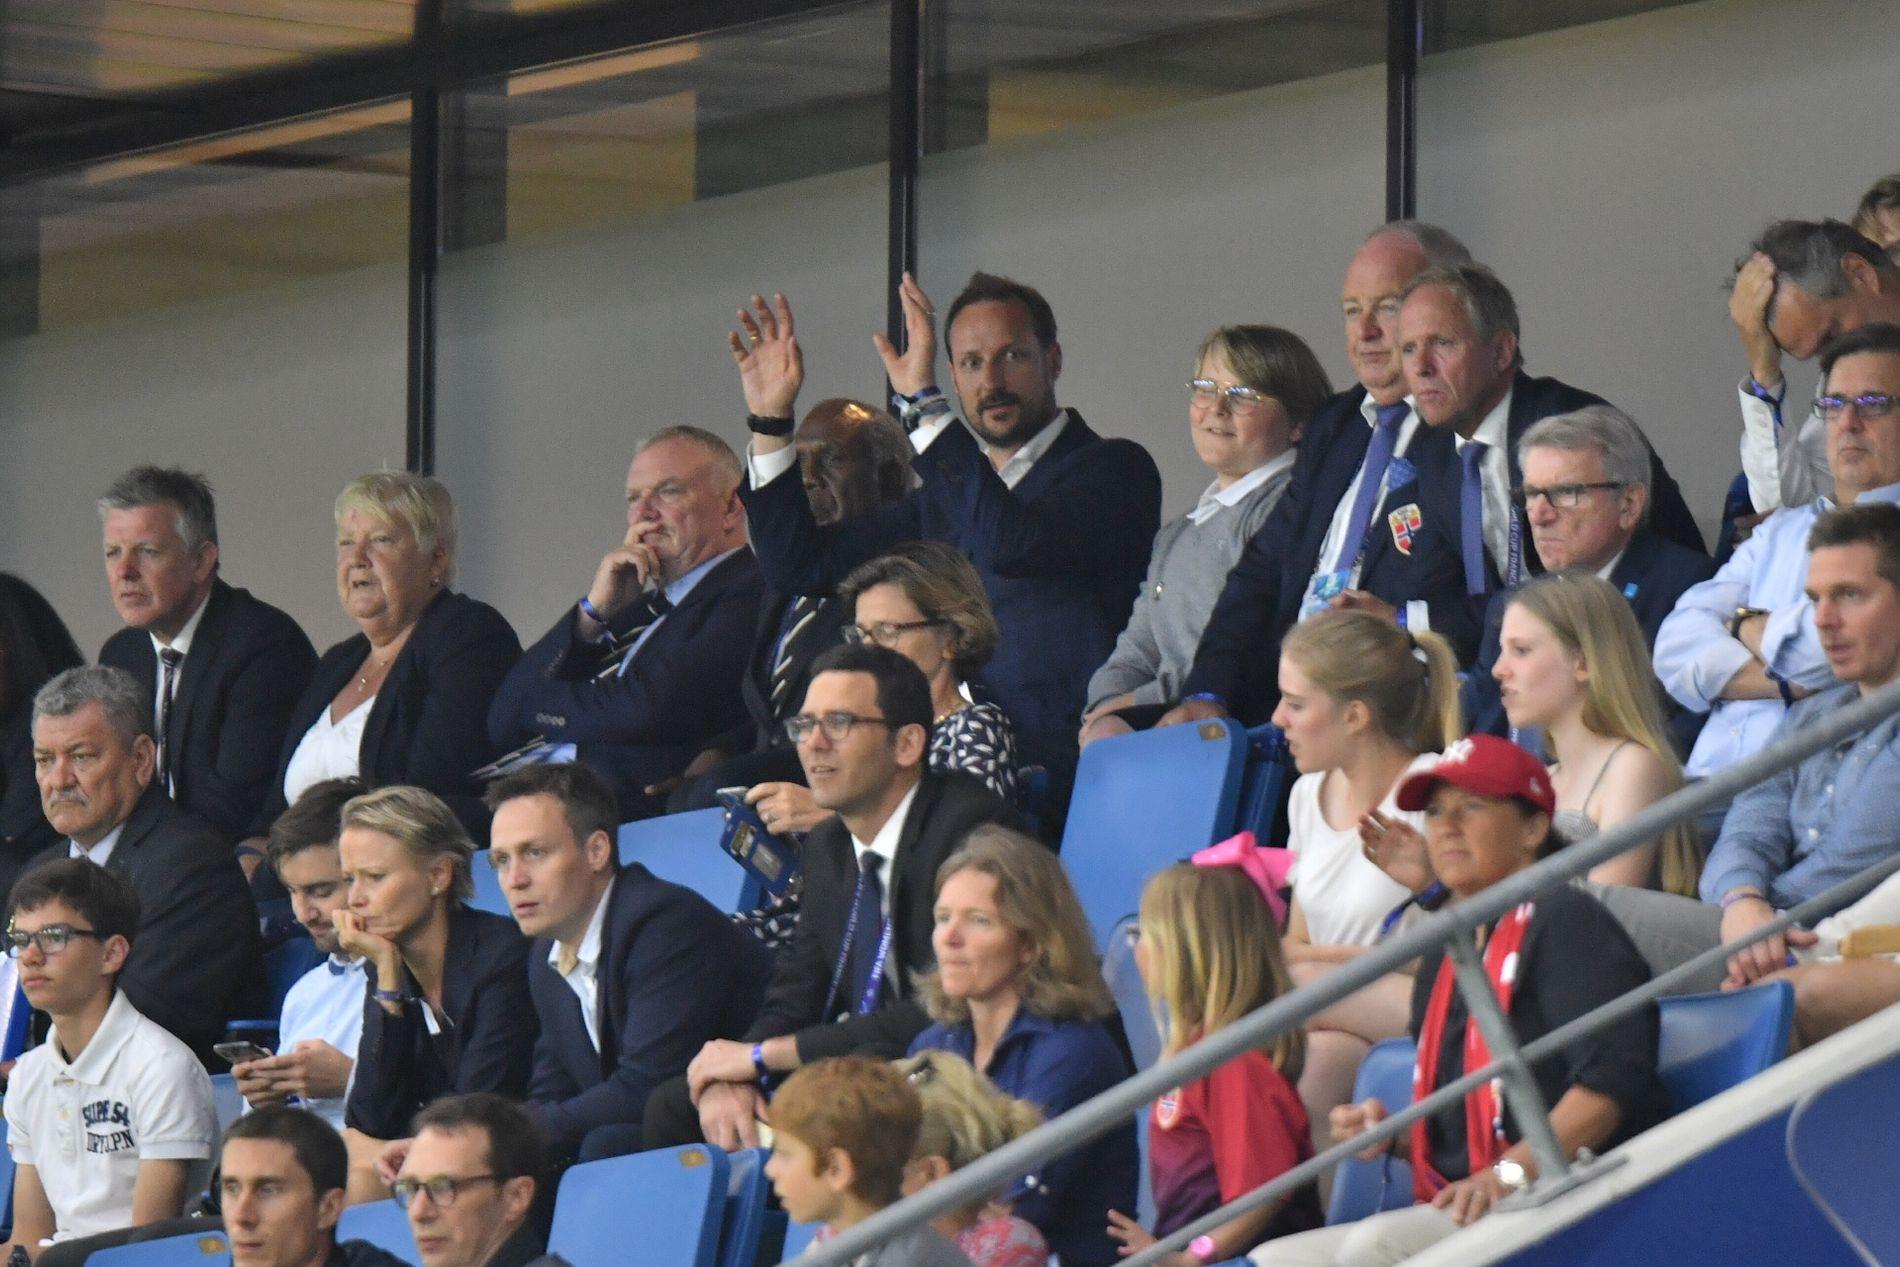 INGEN LYKKEBRINGER: Kronprins Haakon var på plass i Le Havre. Uten at det hjalp.